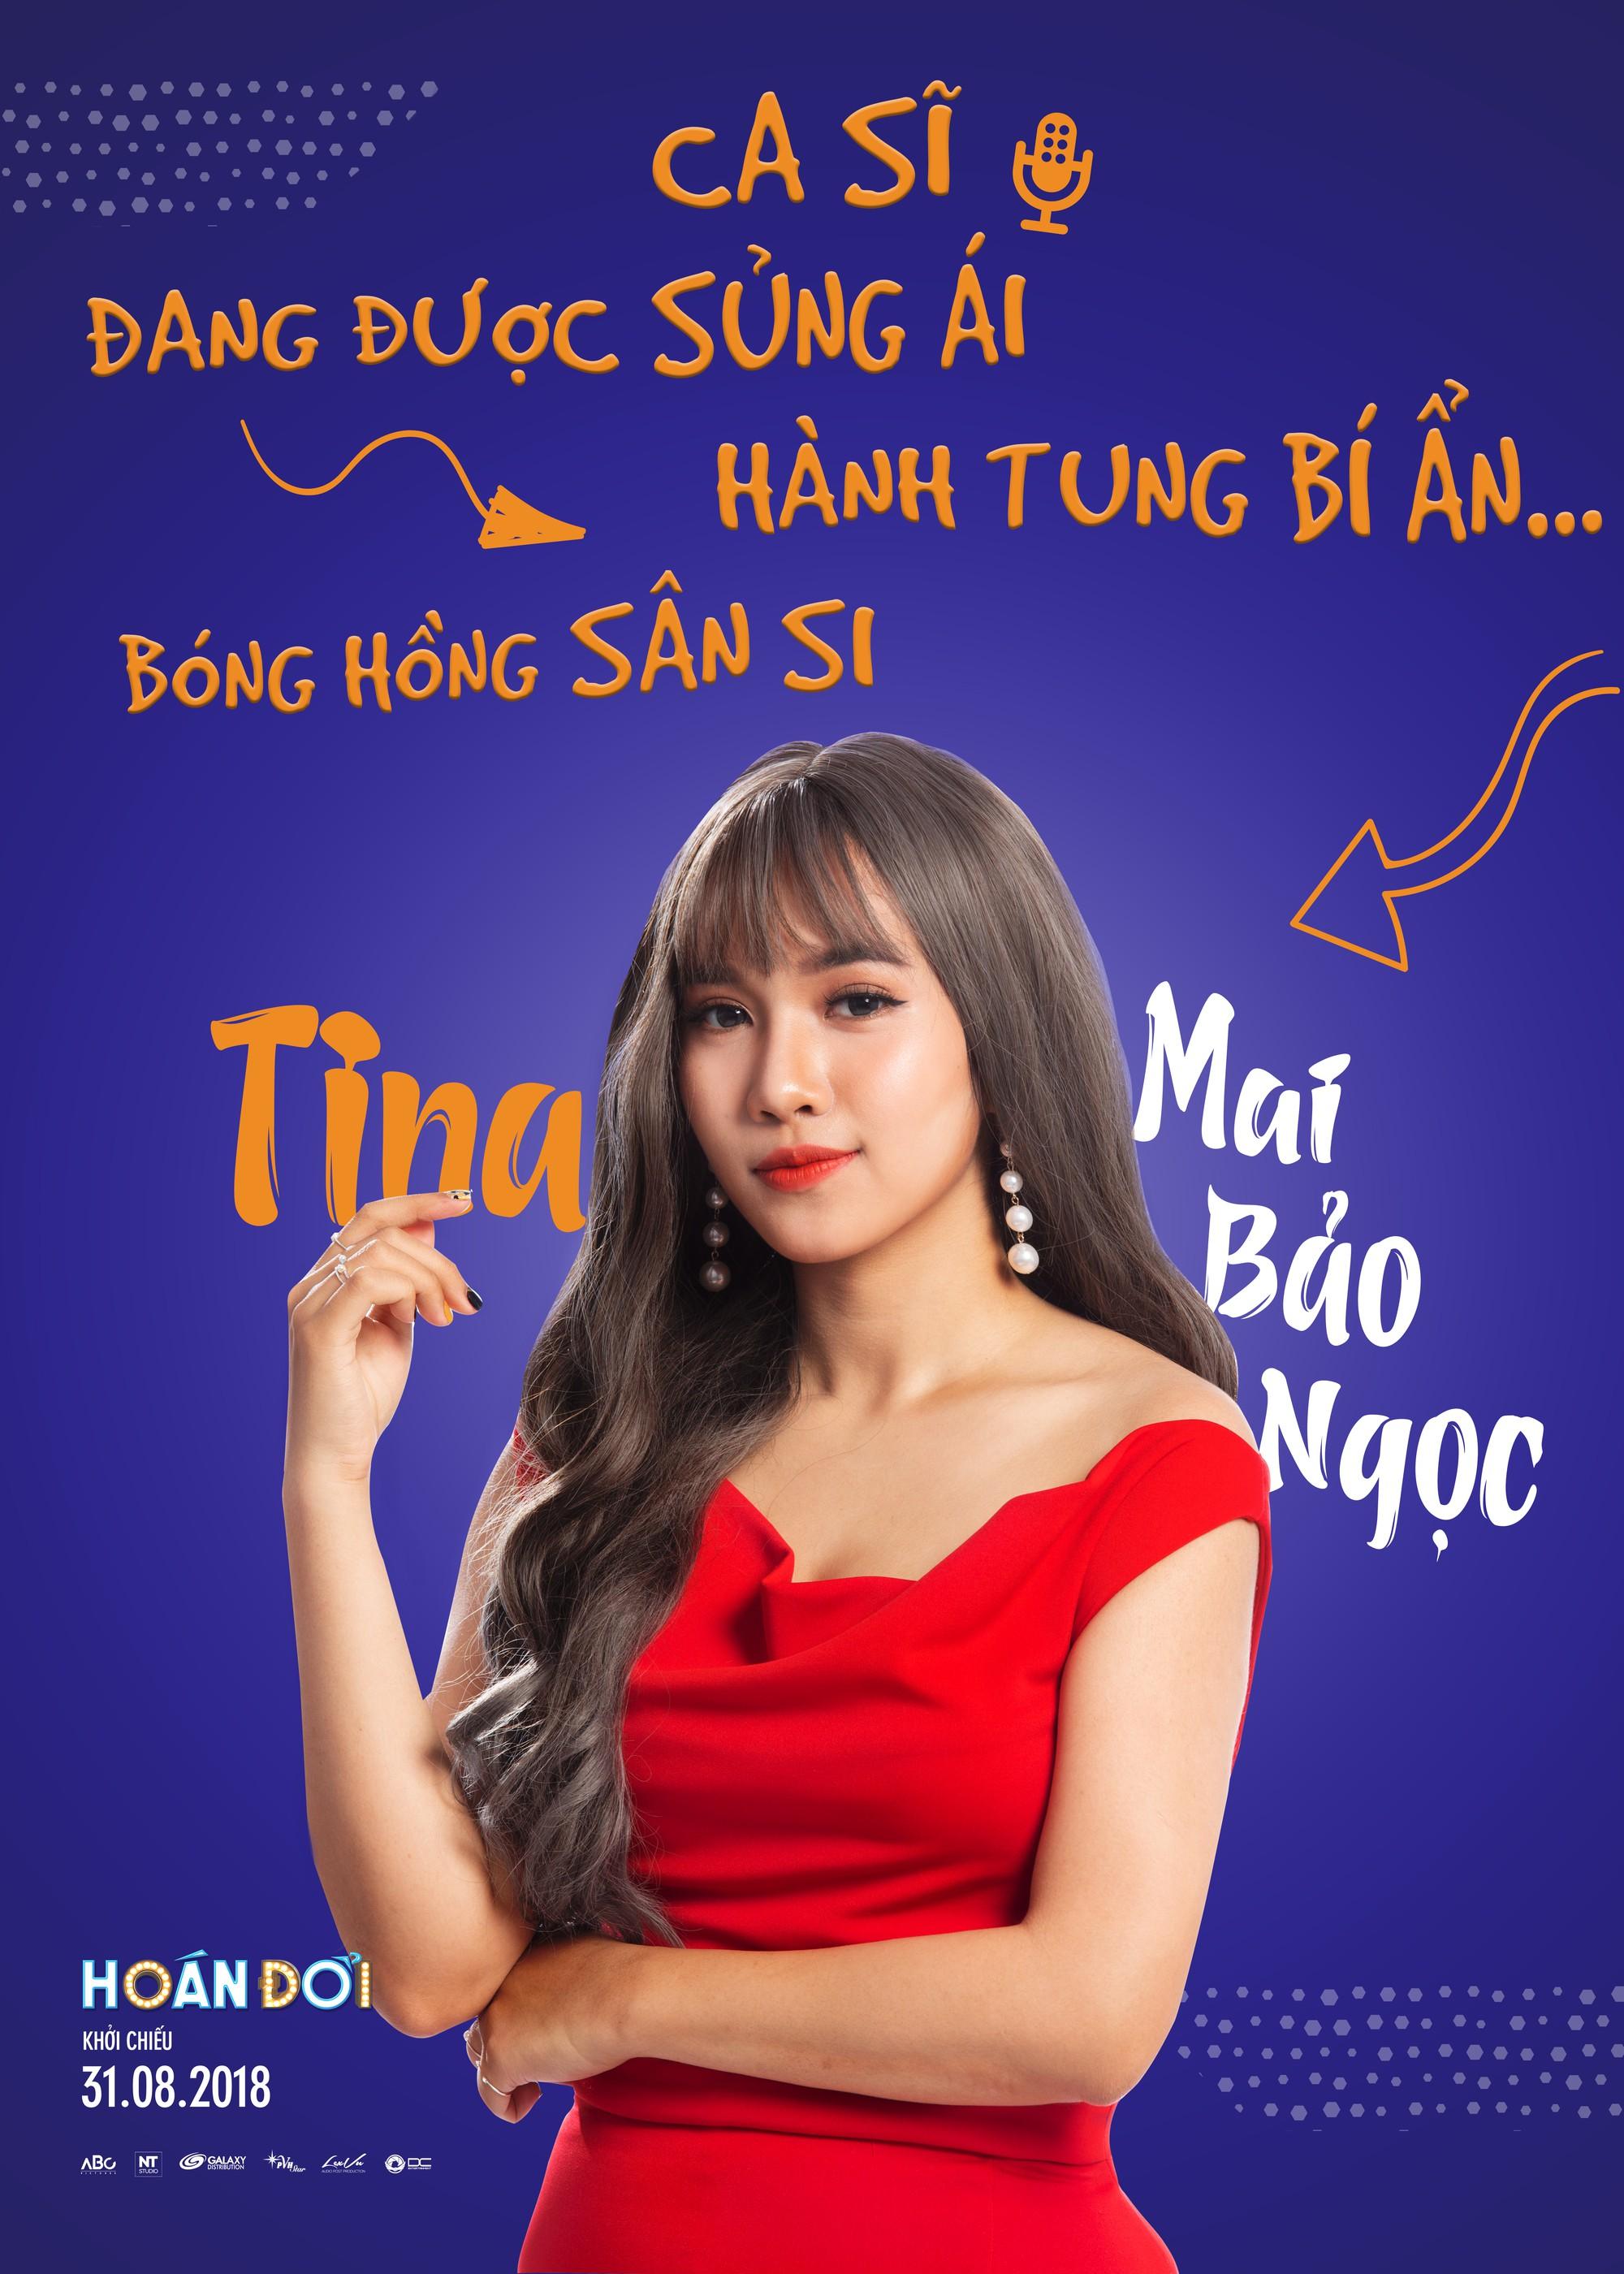 Nhã Phương, Việt Hương xuất hiện với hình ảnh quá sai - Ảnh 7.